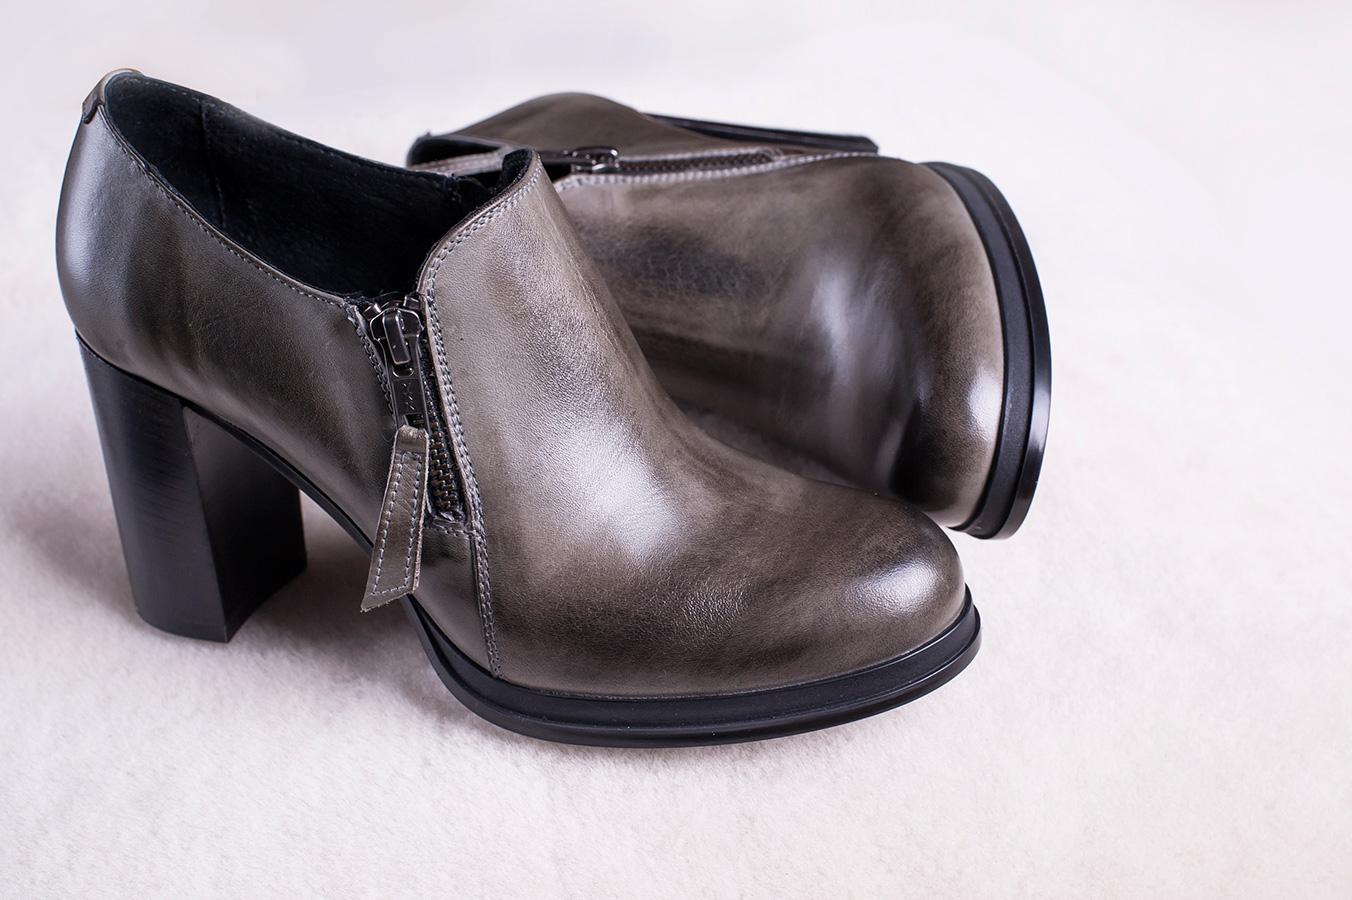 reklamna-fotografiq-obuvki